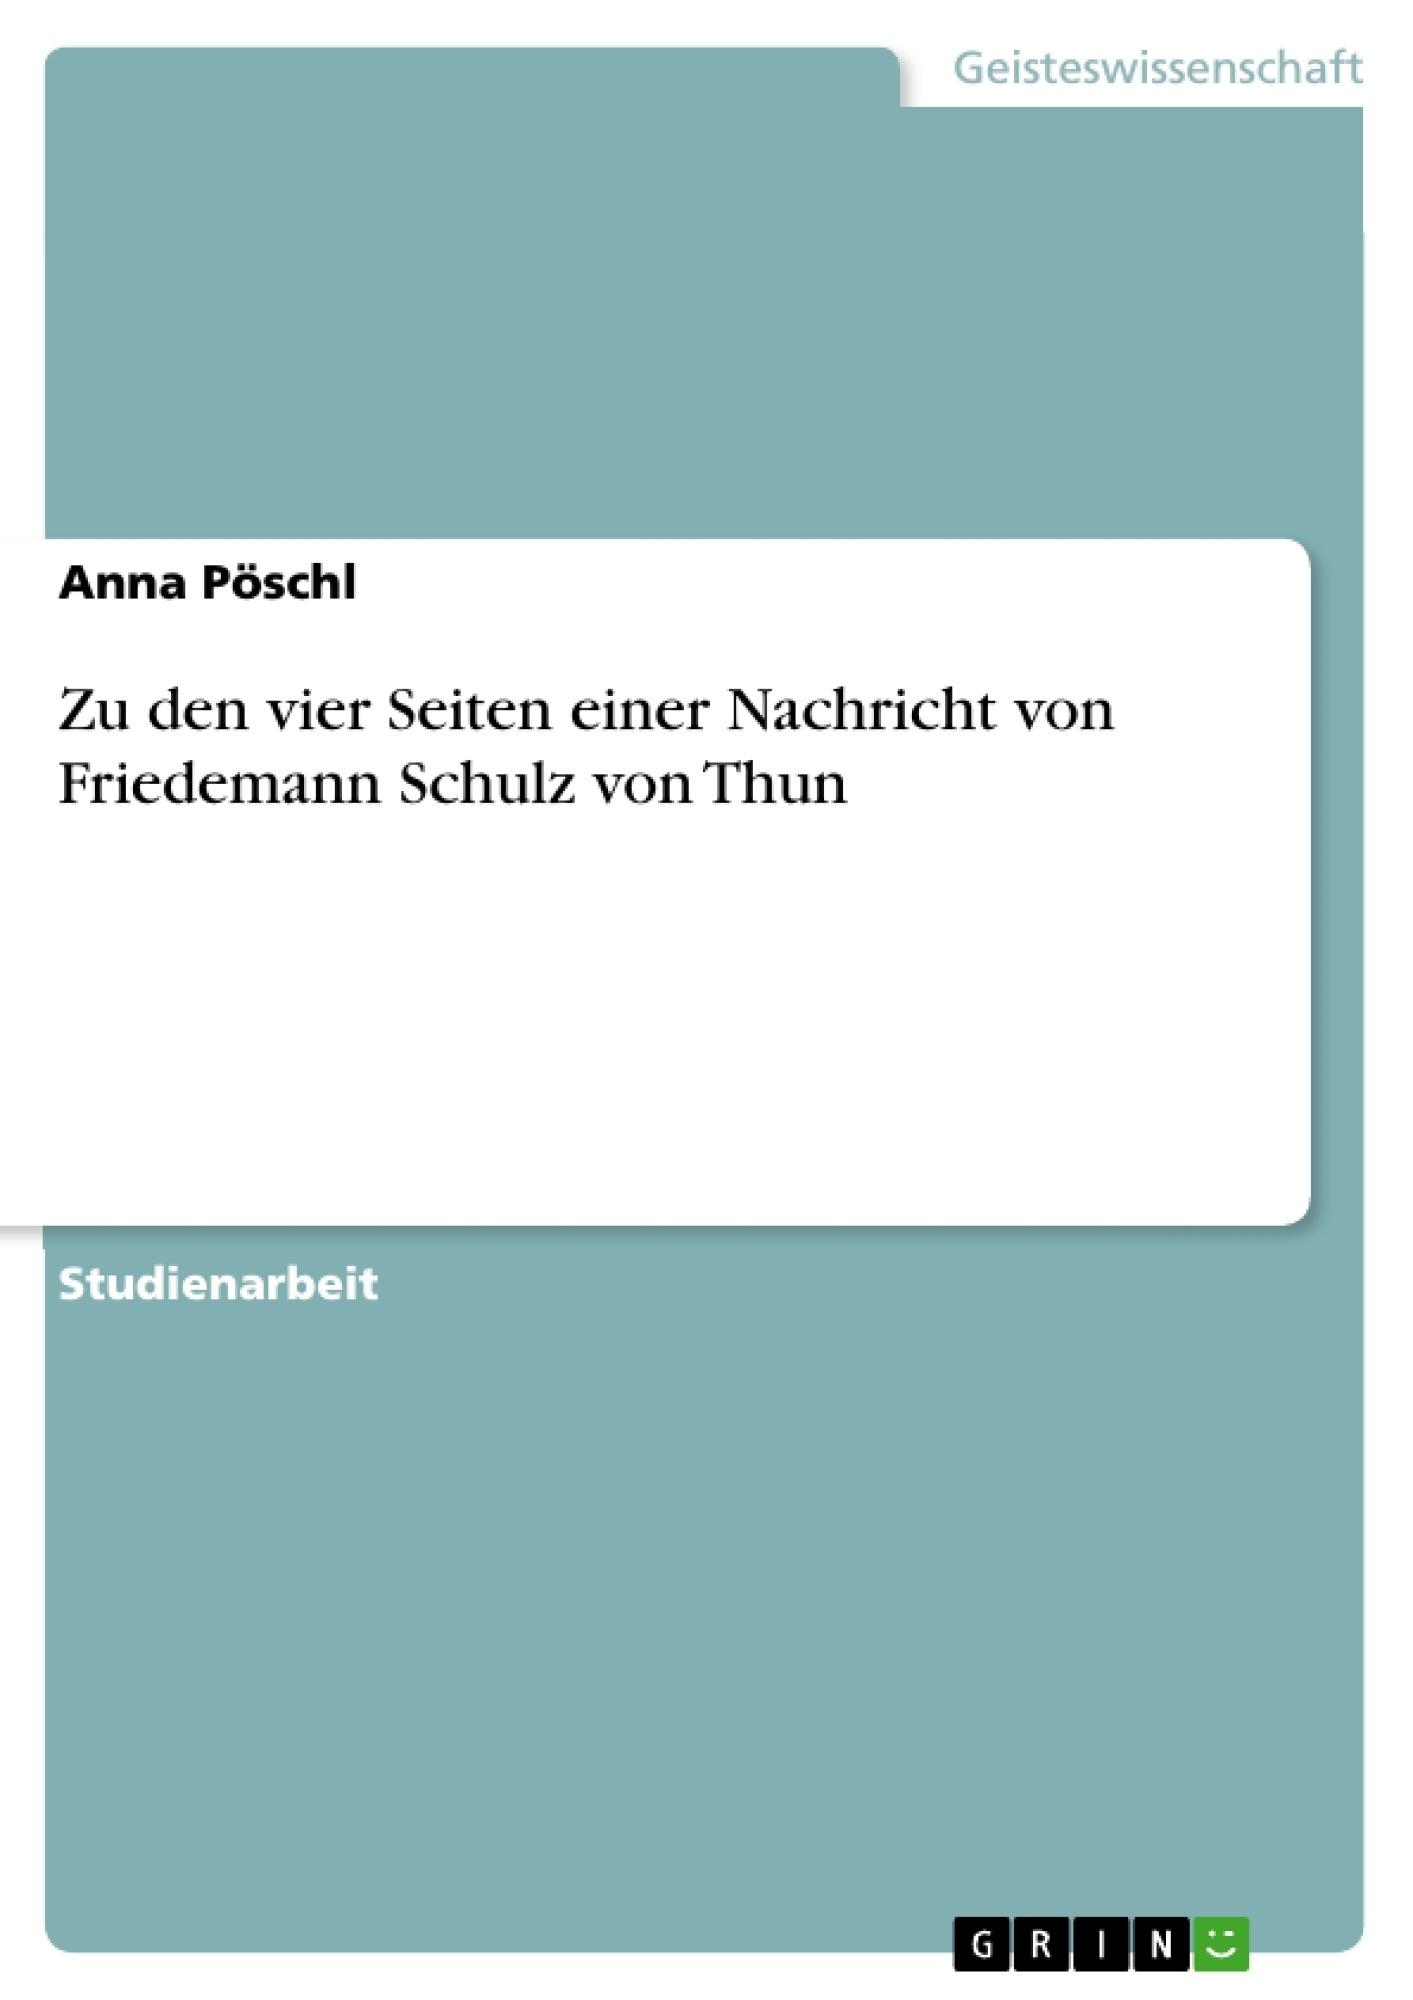 Titel: Zu den vier Seiten einer Nachricht von Friedemann Schulz von Thun